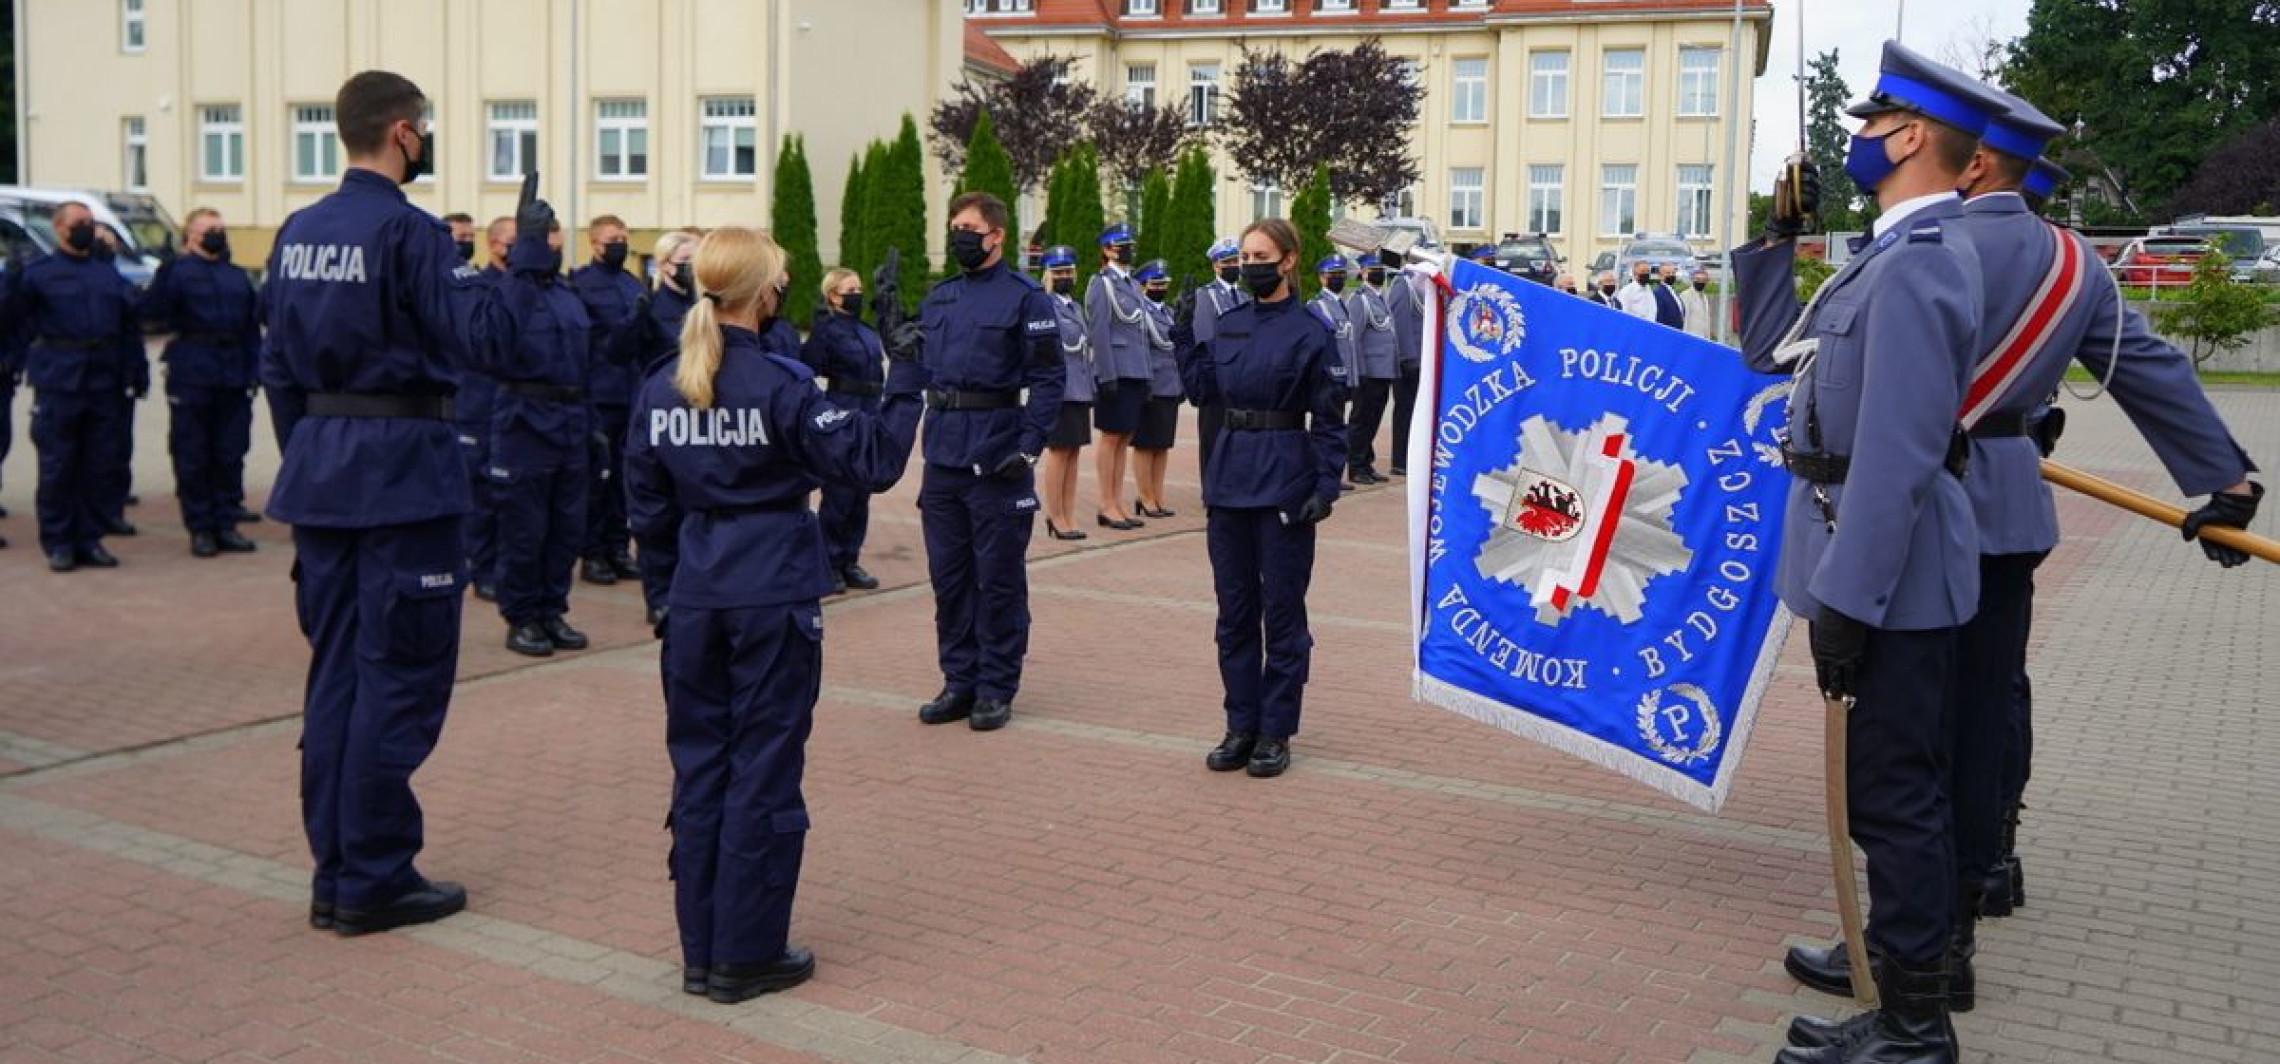 Inowrocław - Nowi policjanci dołączyli do inowrocławskiej komendy